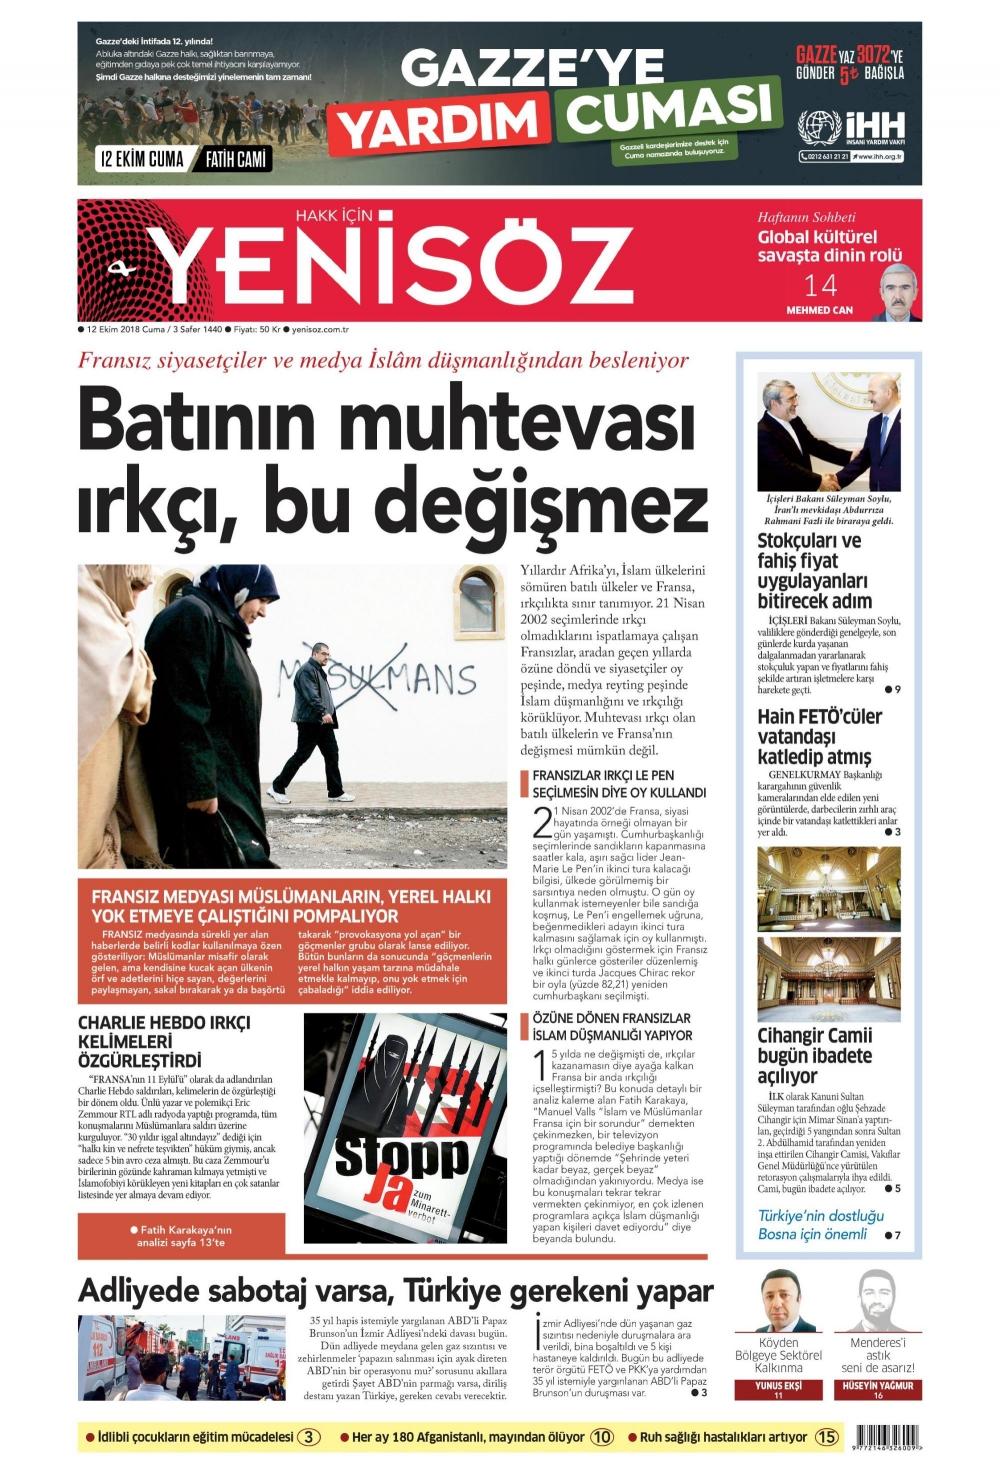 Günün gazete manşetleri (12.10.2018) 1